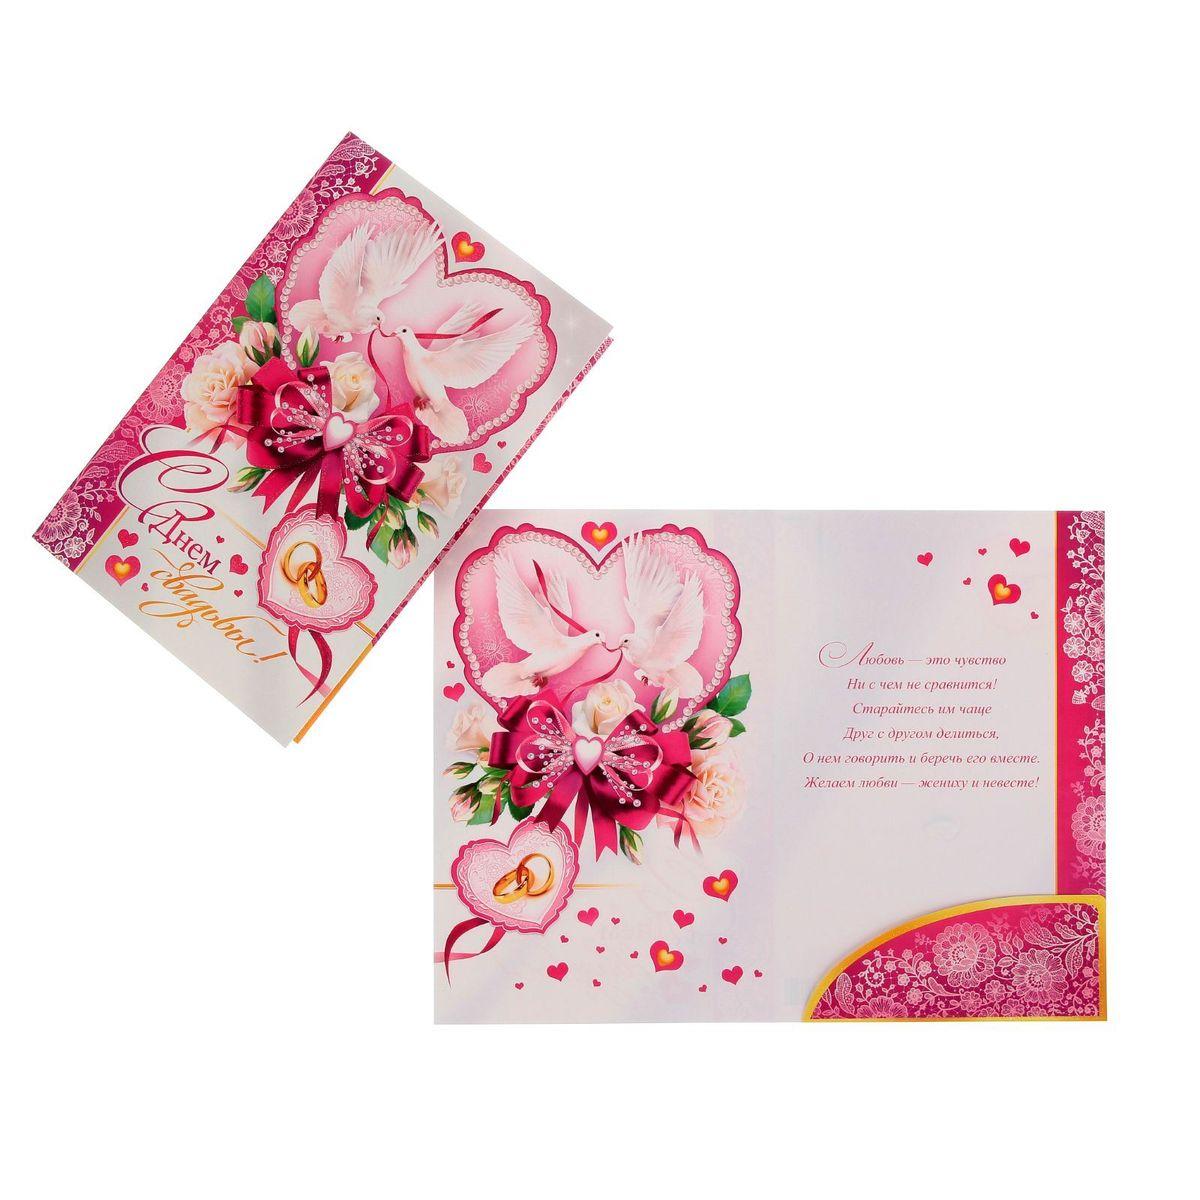 Открытка Мир открыток С Днем свадьбы! Розы и голубиKV10-001Если вы хотите порадовать себя или близких, создать праздничное настроение и с улыбкой провести памятный день, то вы, несомненно, сделали правильный выбор! Открытка Мир открыток С Днем свадьбы! Розы и голуби, выполненная из картона, отличается не только оригинальным дизайном, но и высоким качеством.Лицевая сторона изделия оформлена красивым изображением роз и голубей и дополнена глиттером. Внутри открытка содержит текст с поздравлением.Такая открытка непременно порадует получателя и станет отличным напоминанием о проведенном вместе времени.